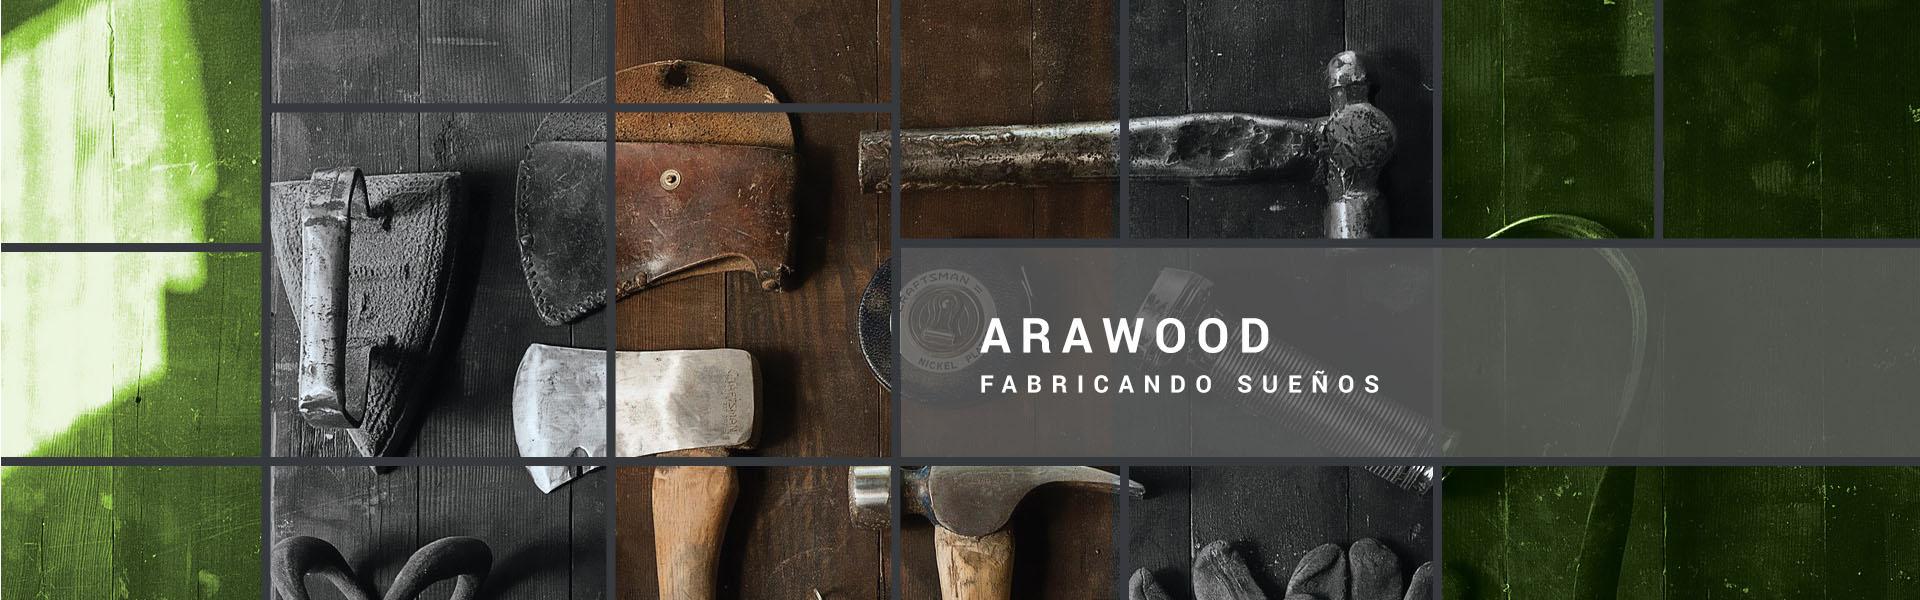 Arawood